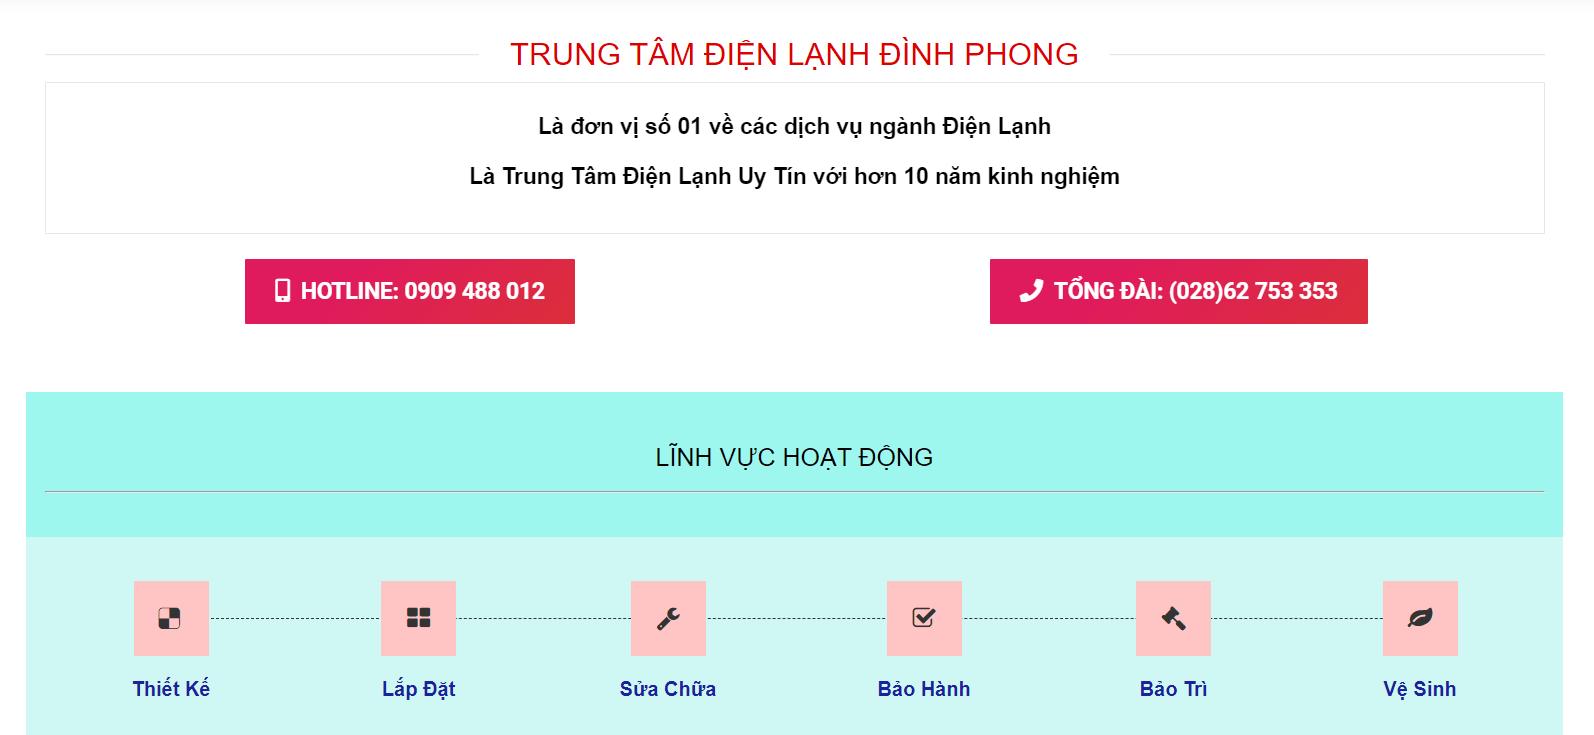 Dịch Vụ Vệ Sinh Máy Lạnh Giá Rẻ TP Hồ Chí Minh